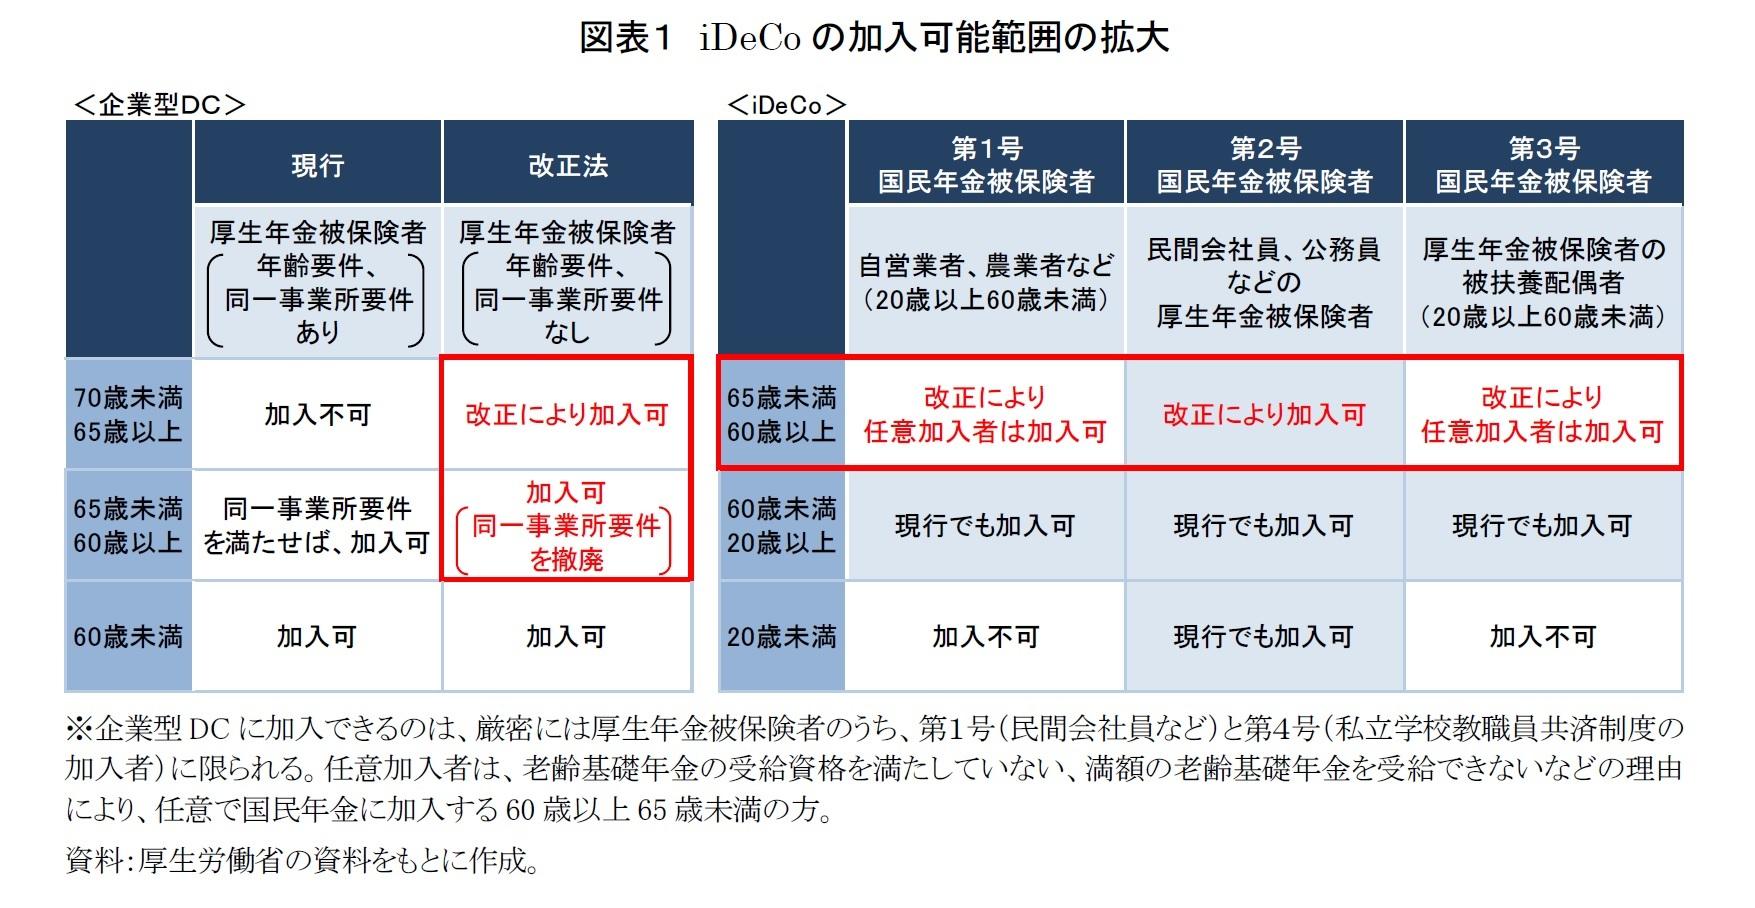 図表1 iDeCoの加入可能範囲の拡大